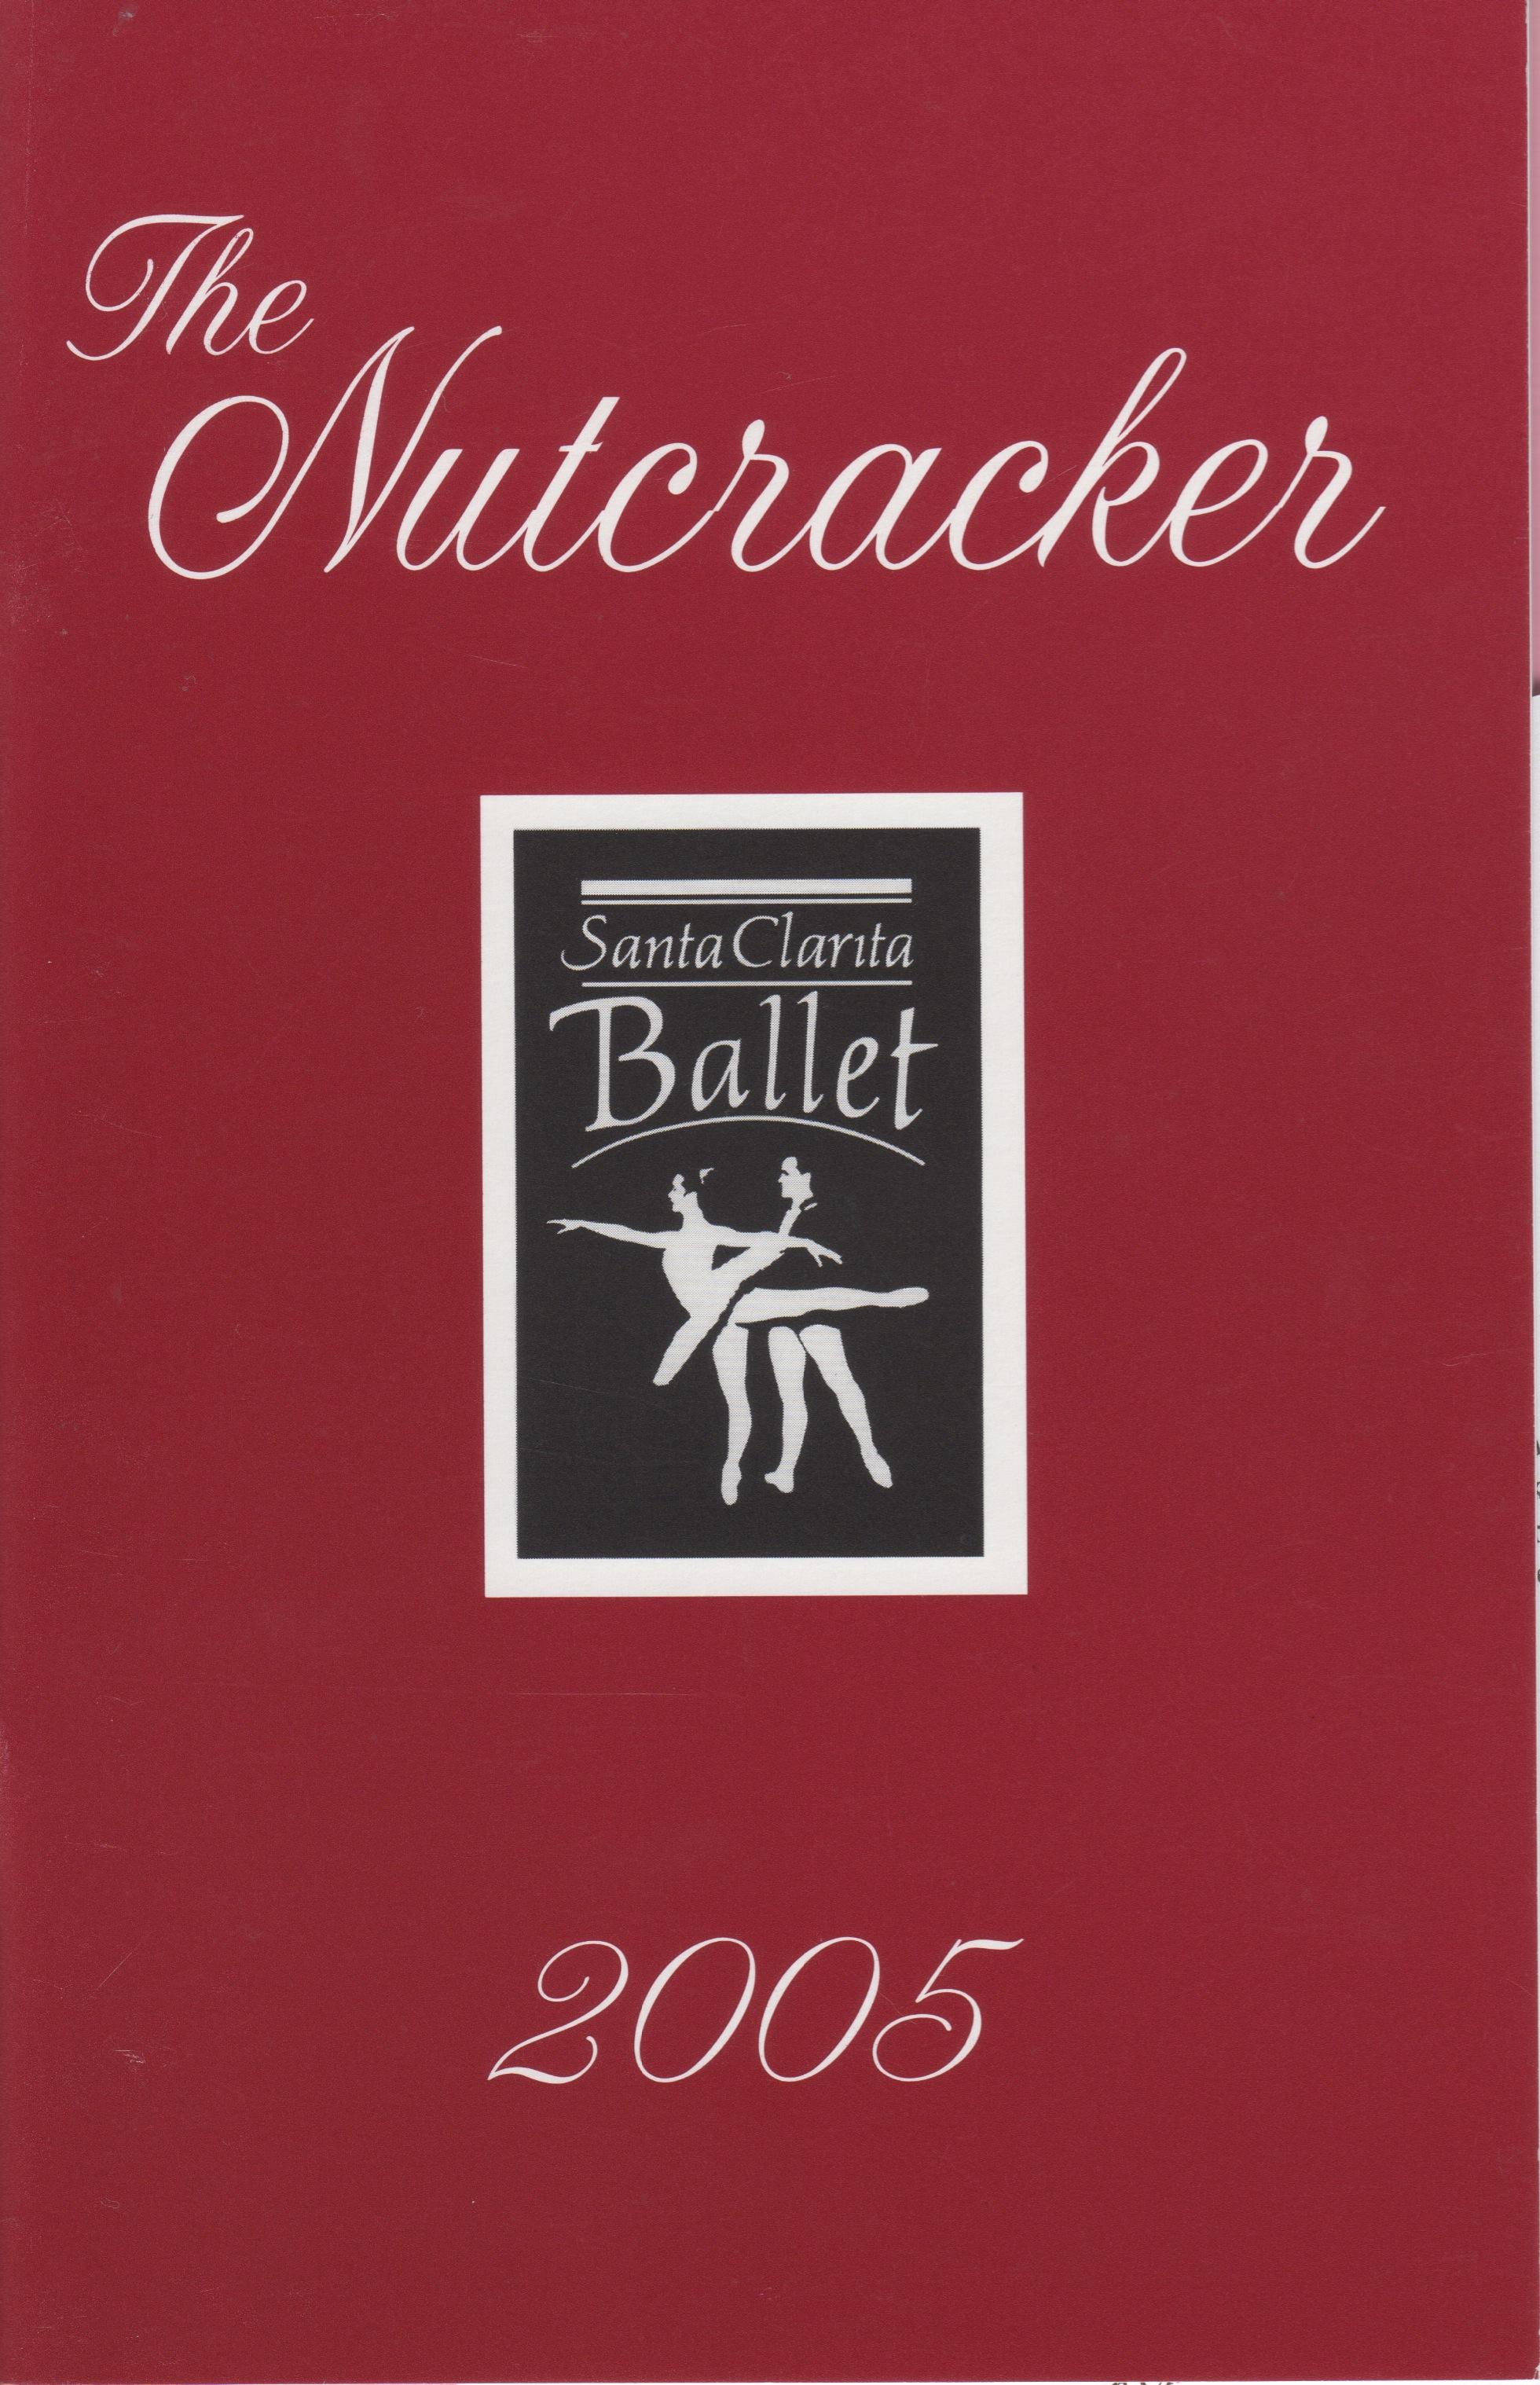 Nutcracker 2005.jpeg